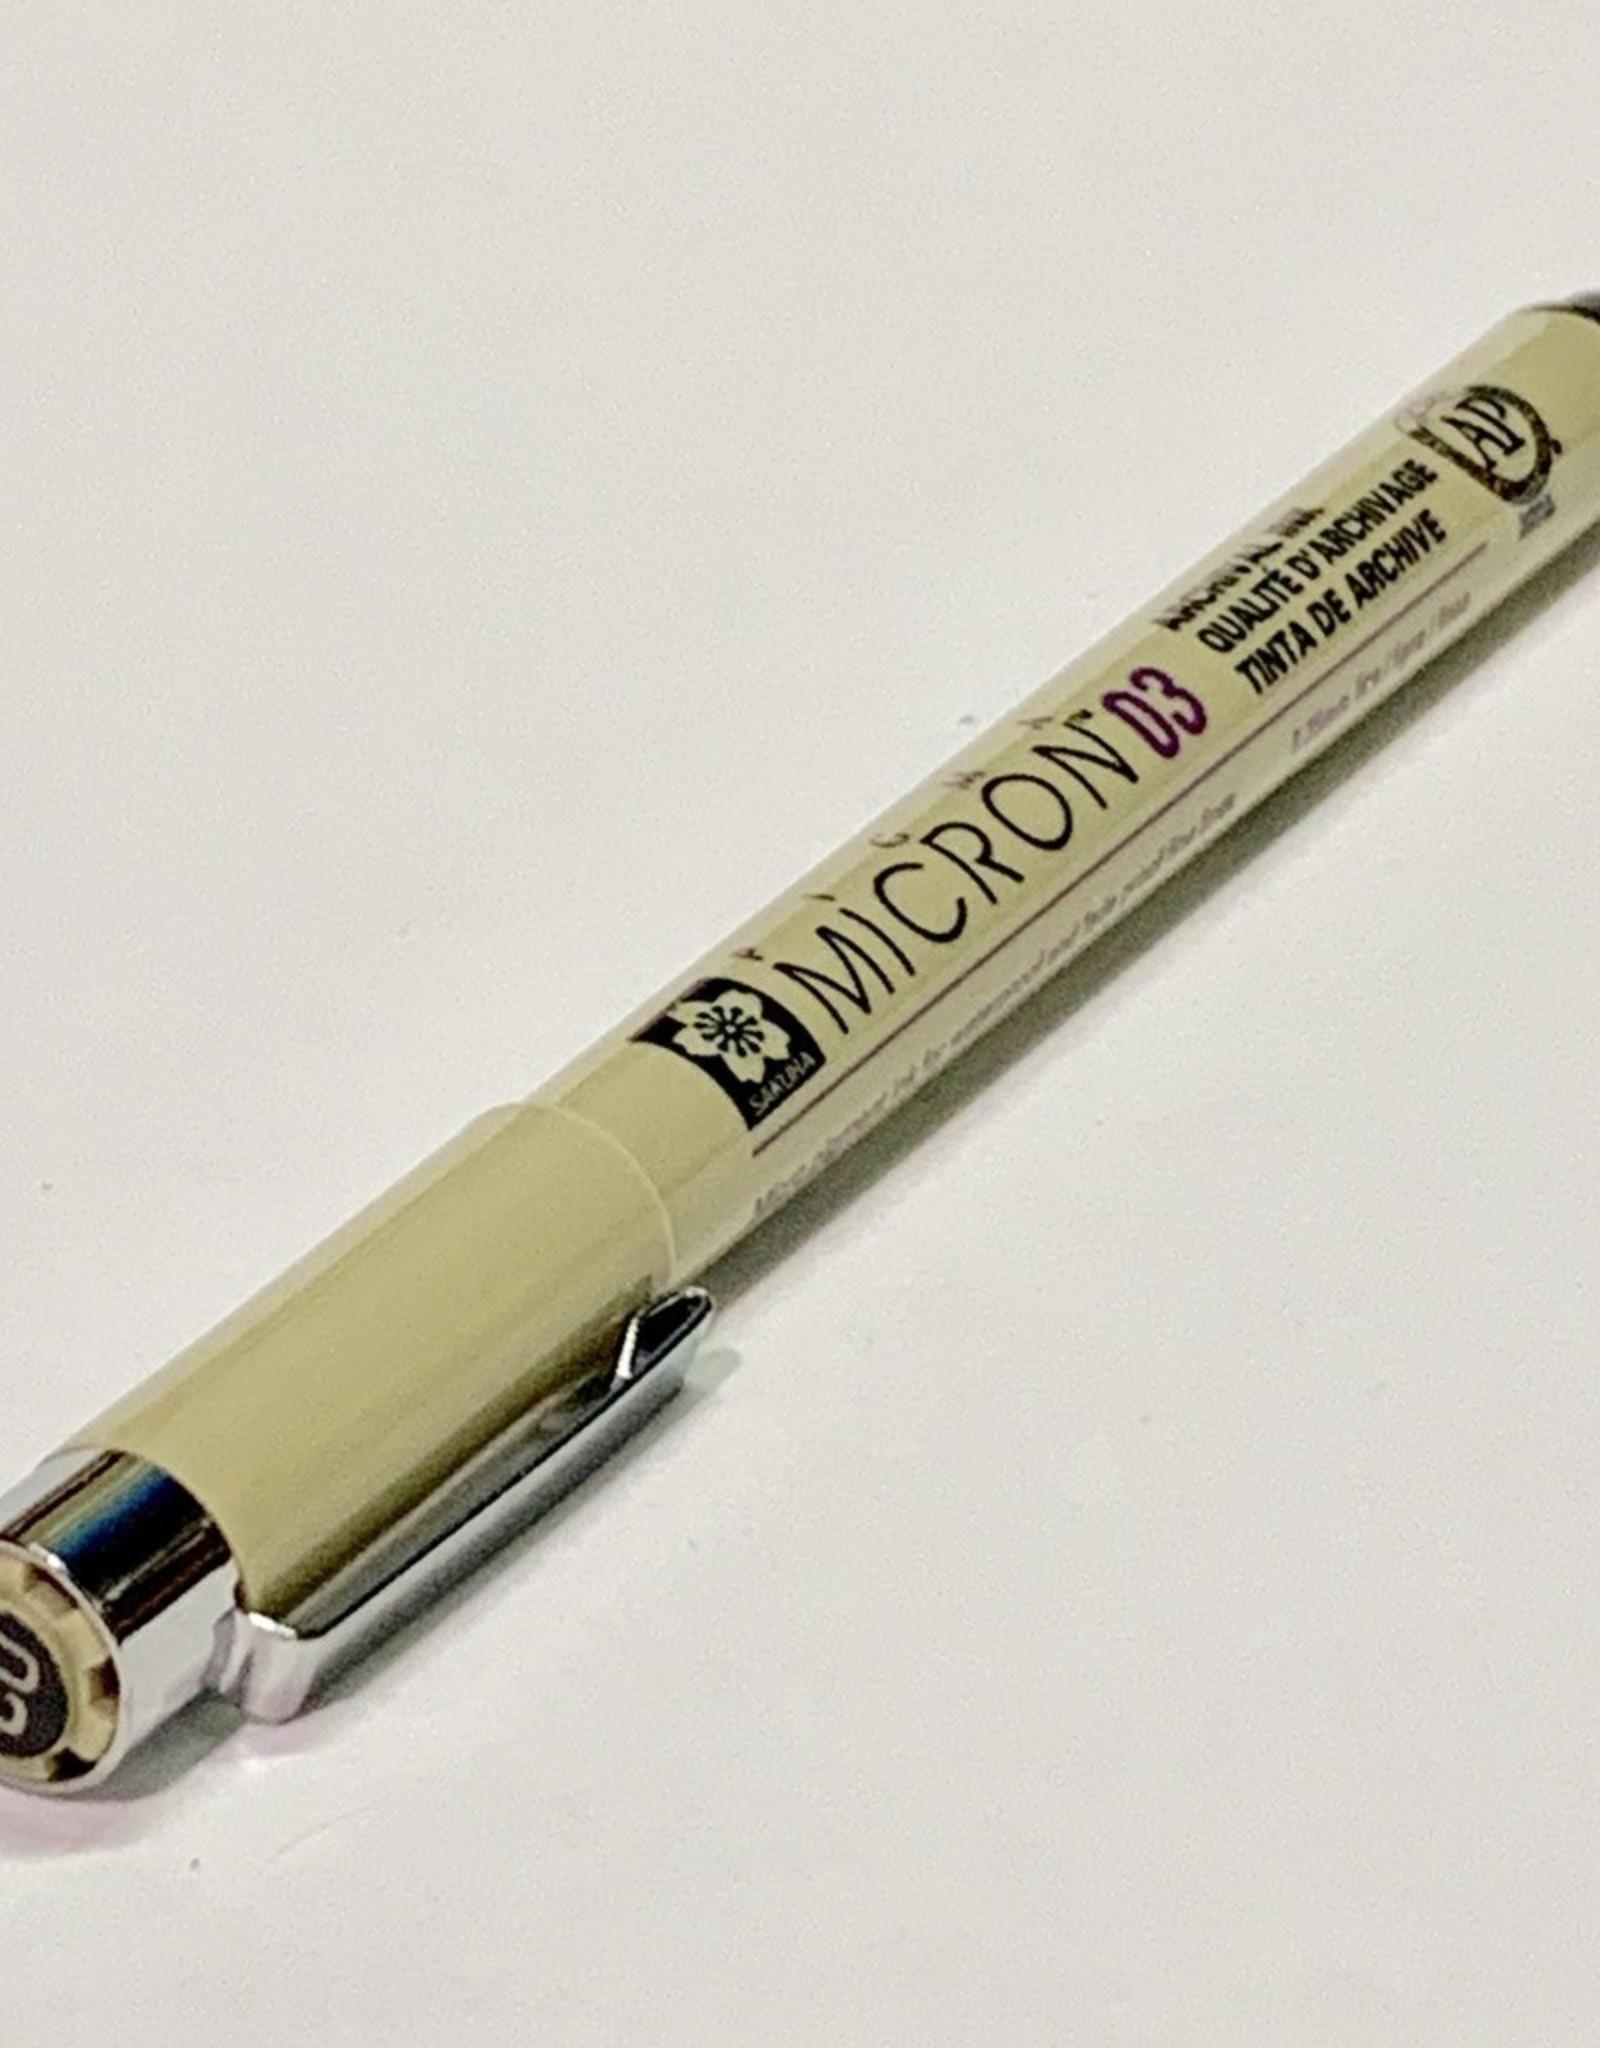 Micron Black Pen 03 .35mm